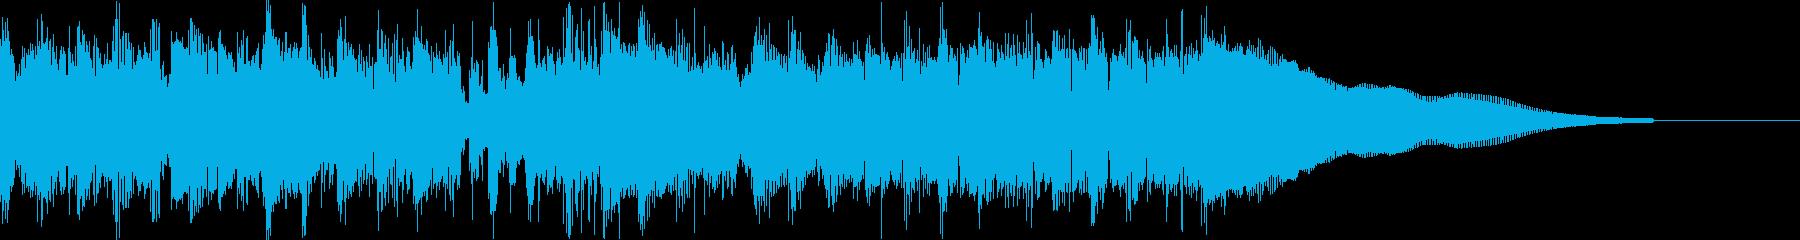 カントリー風ギターイントロ−07Fの再生済みの波形